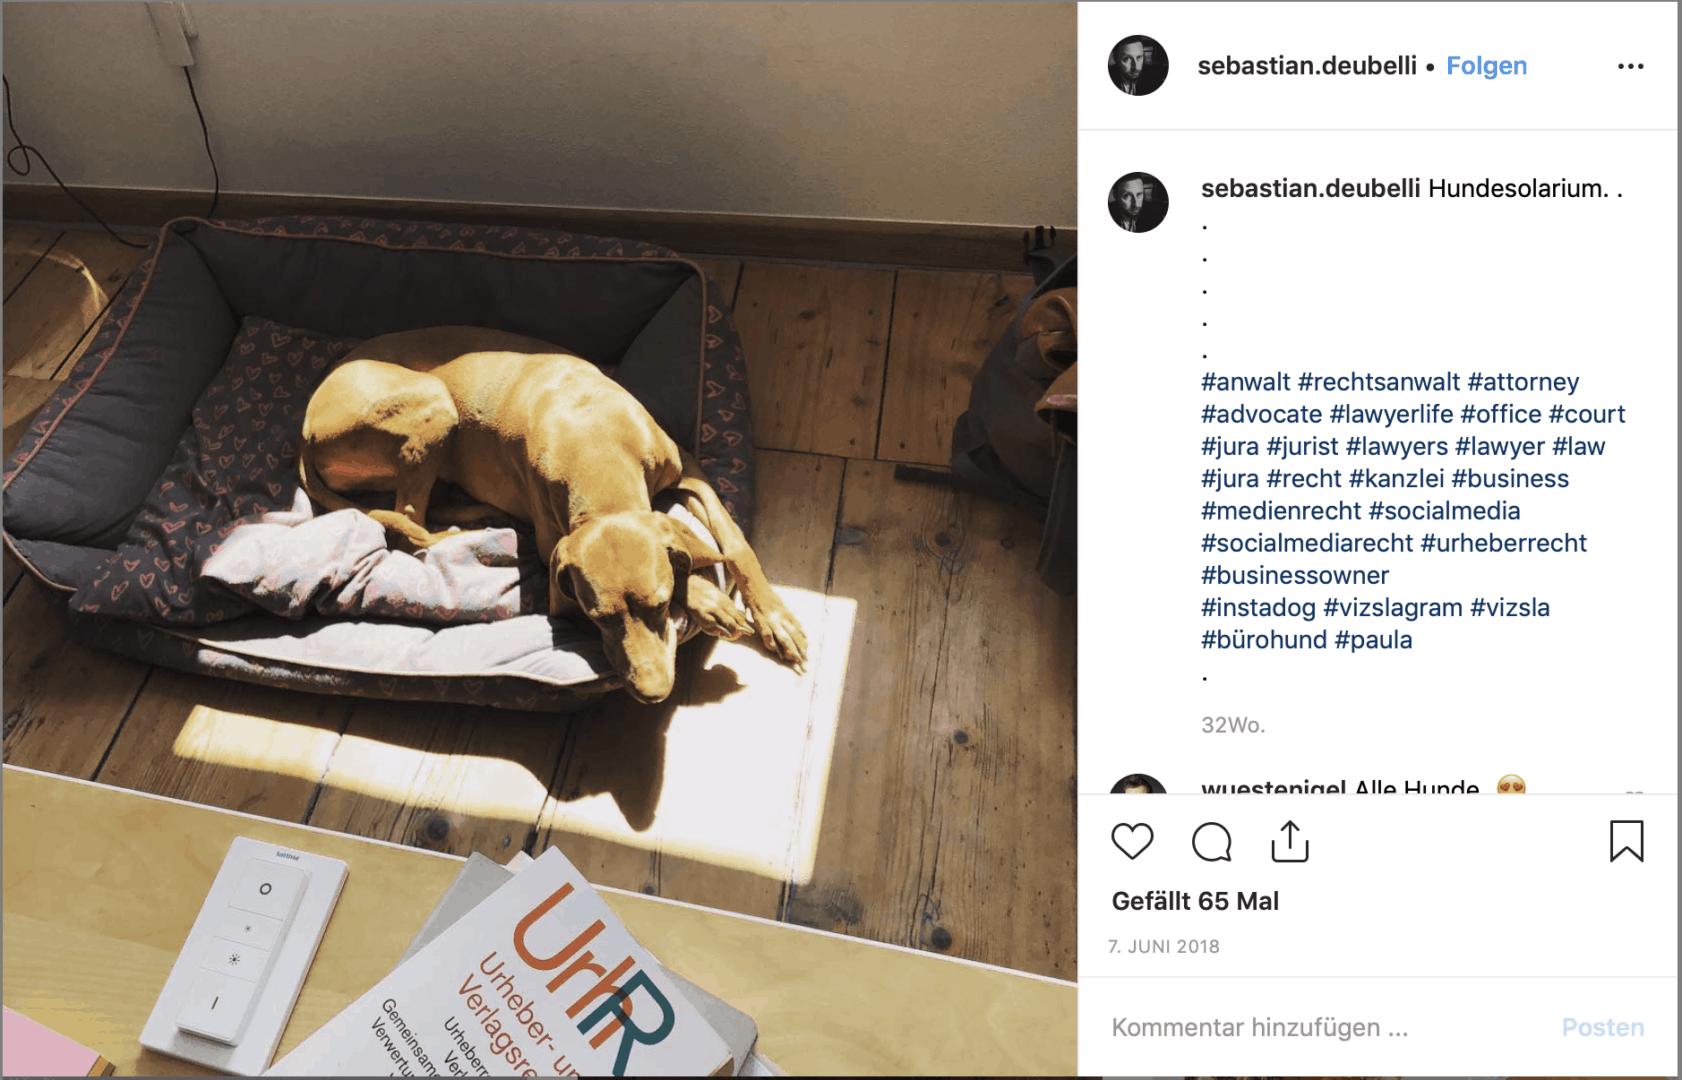 193: #Werbung - Wie du deine Posts vom Aquarium rechtssicher postest (Sebastian Deubelli) 5